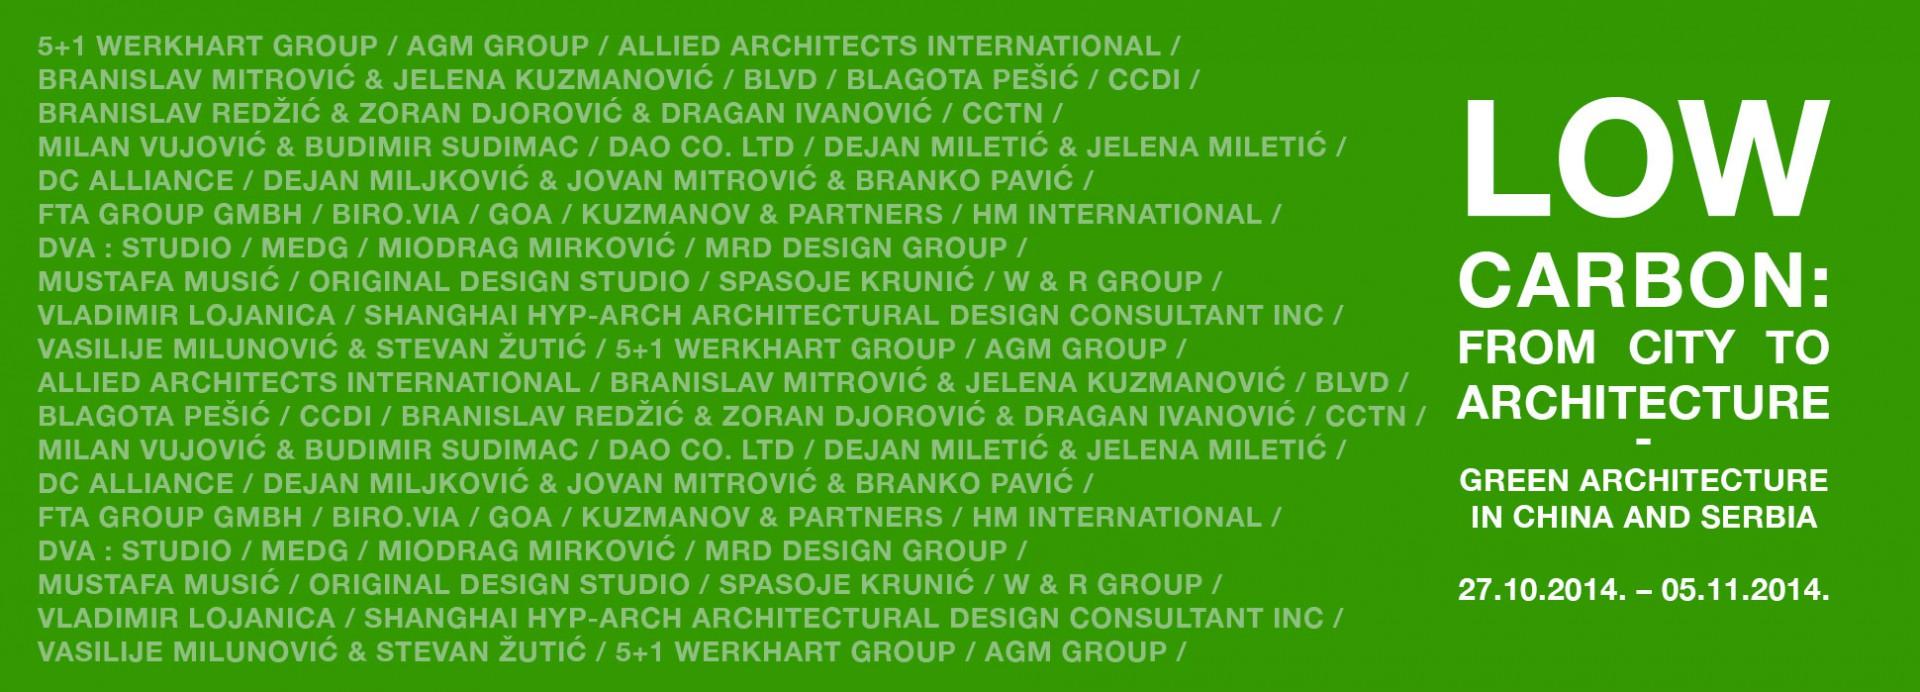 Međunarodna izložba: Zelena arhitektura u Kini i Srbiji